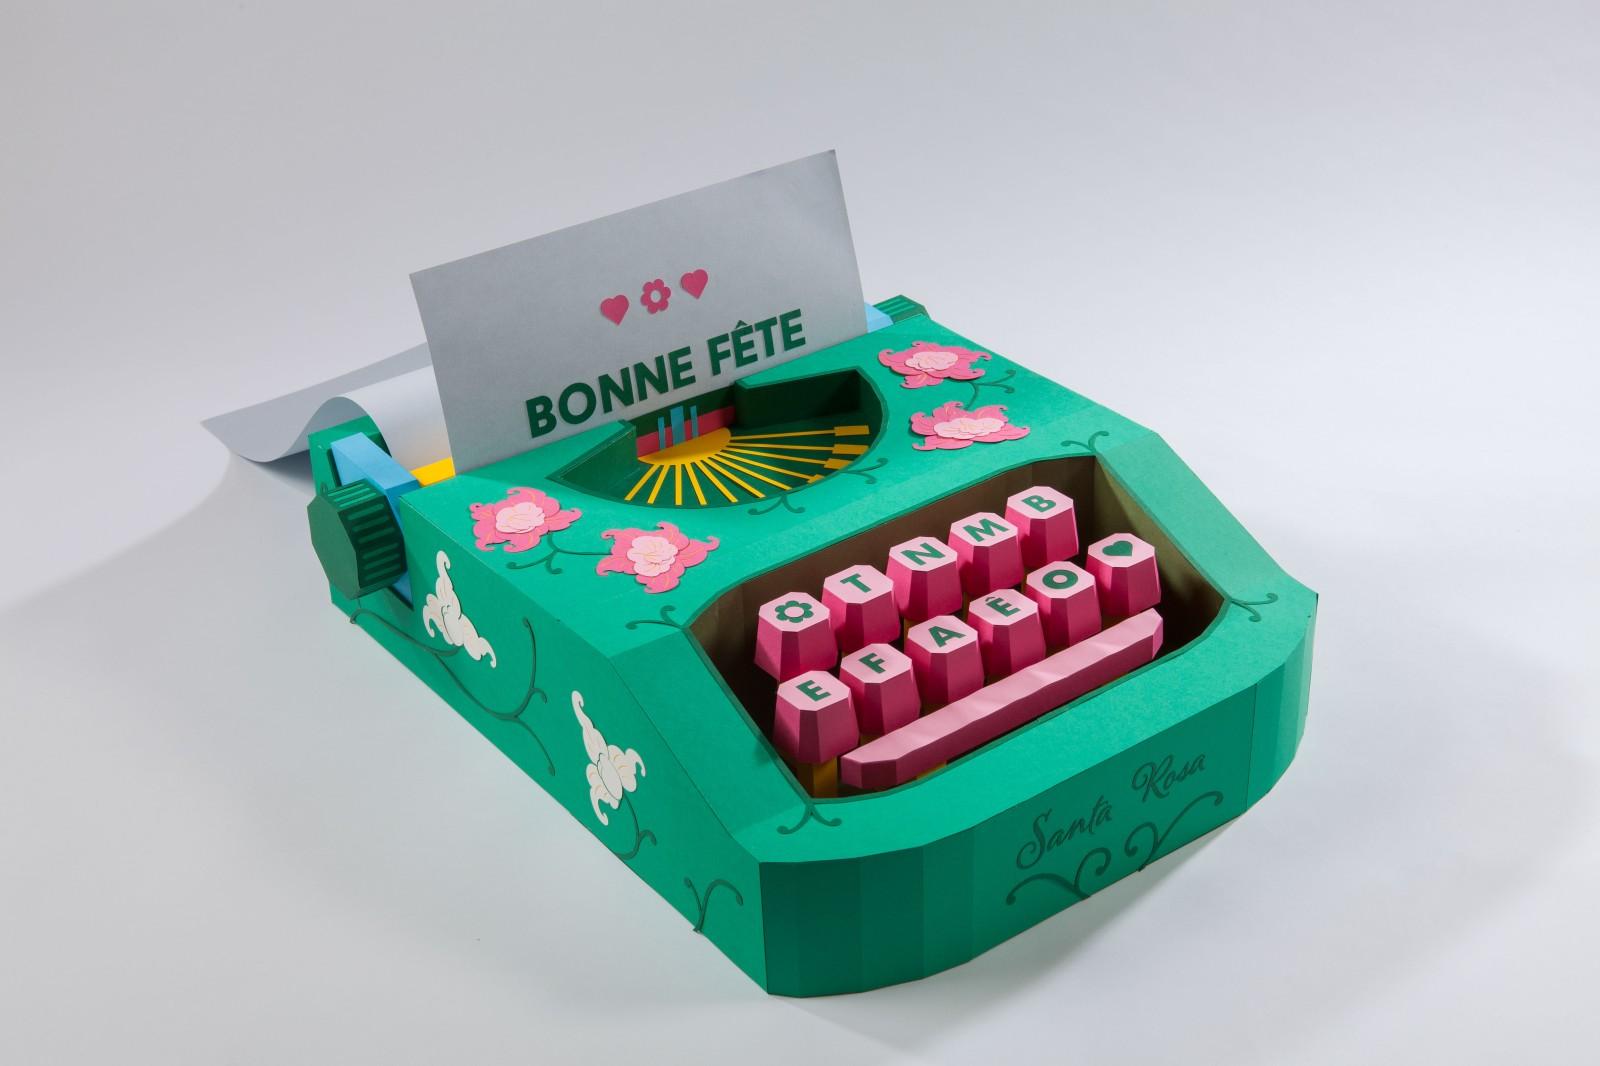 paper art frida kahlo machine écrire typewriter maman mother day